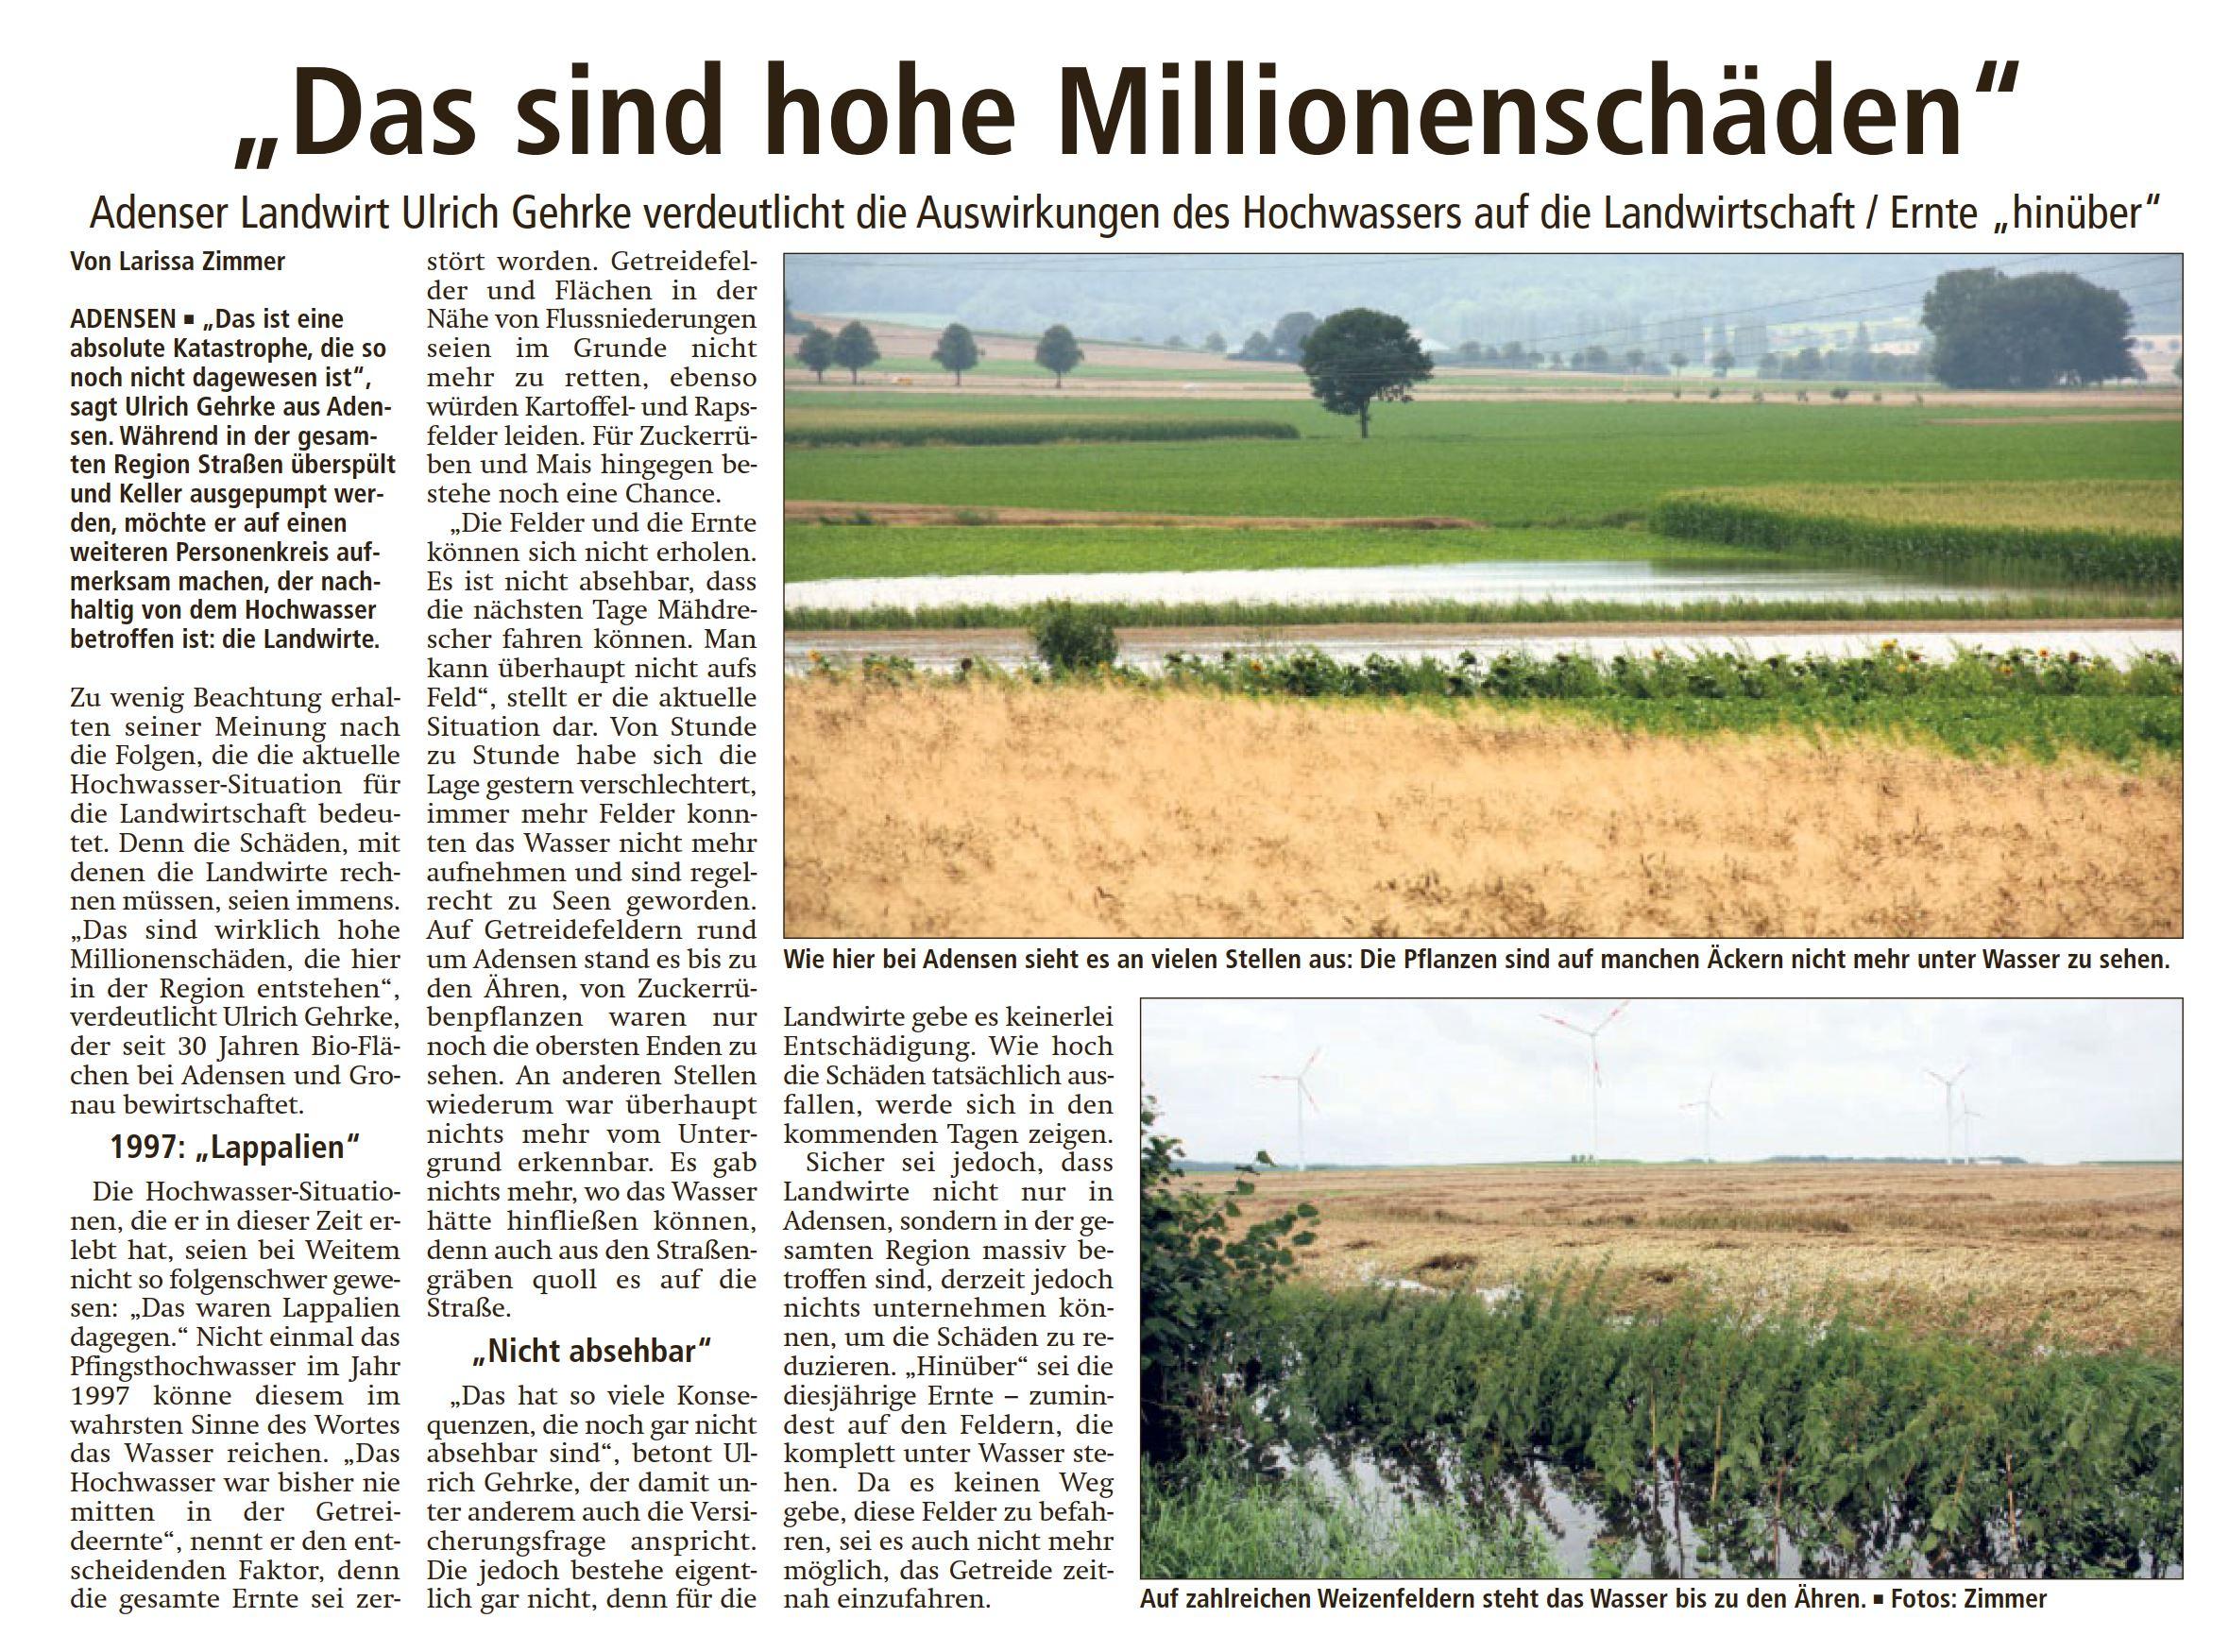 Adensener Landwirt Ulrich Gehrke: Hohe Schäden in der Landwirtschaft durch das Hochwasser